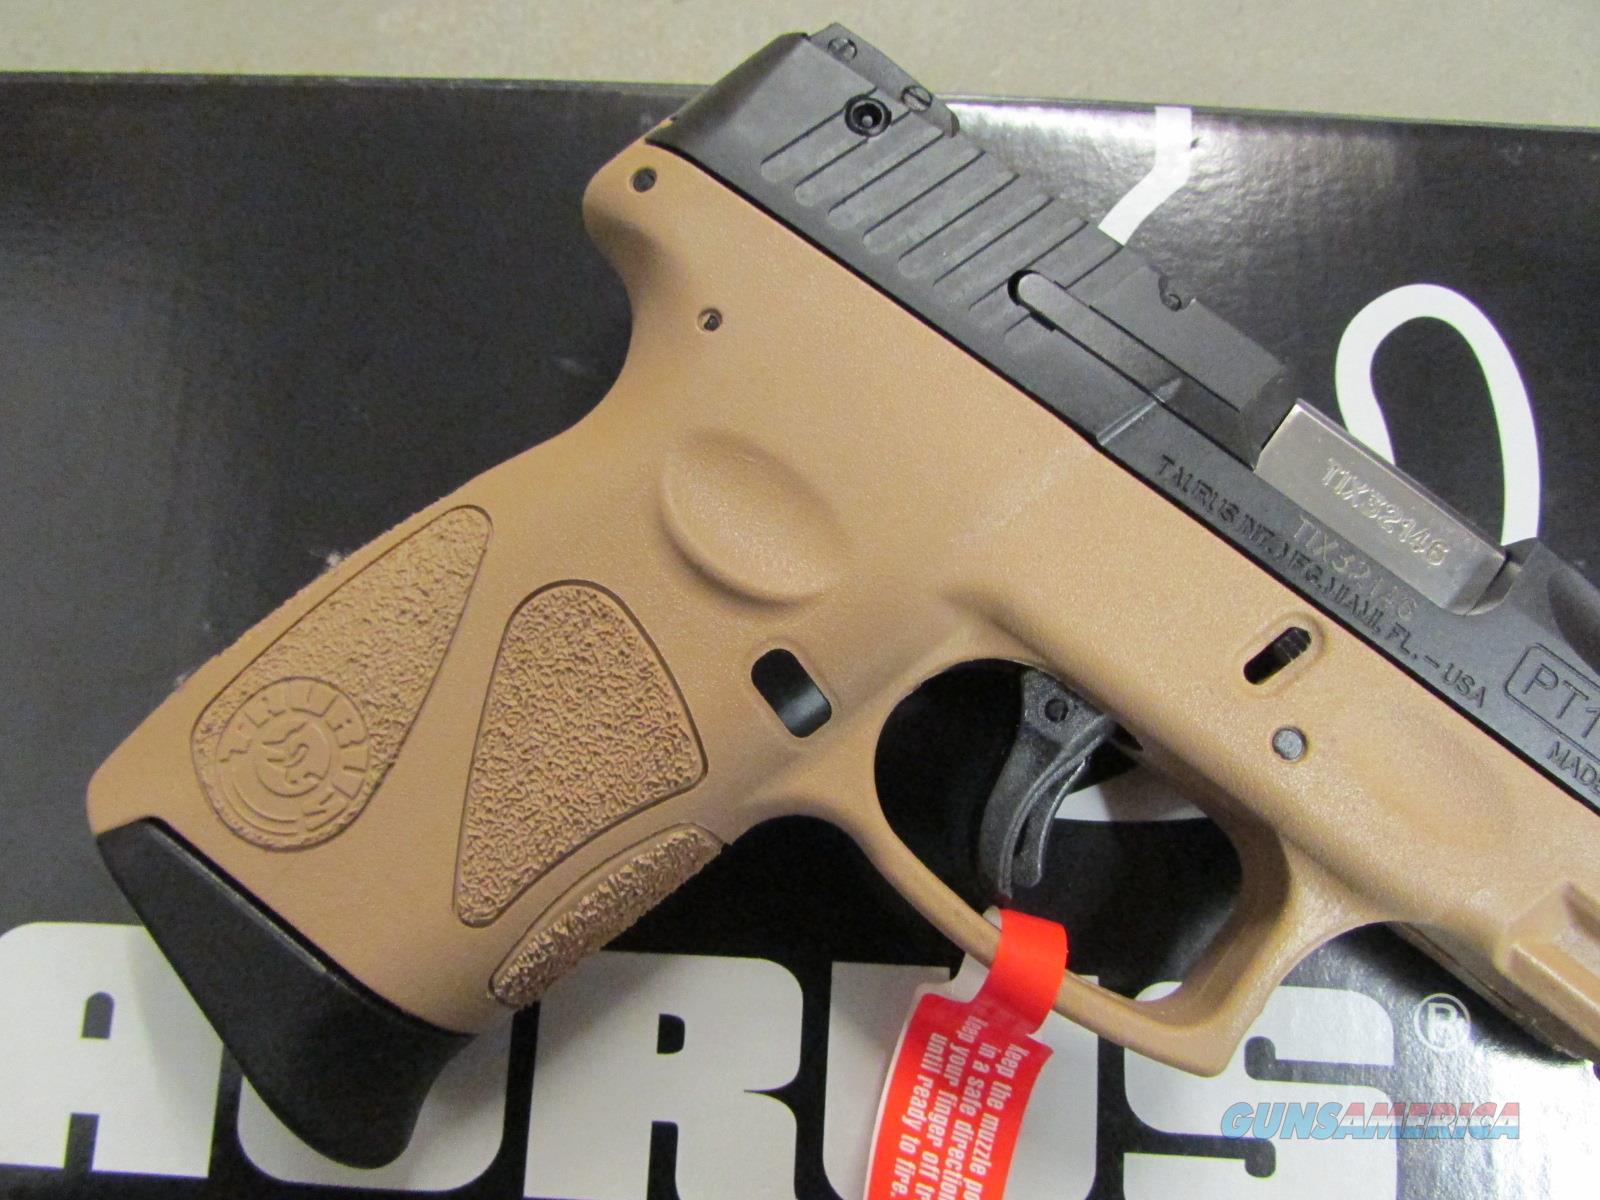 Taurus Millennium G2 Sub Compact Fde 9mm 1 1110 For Sale Schematics 8410939